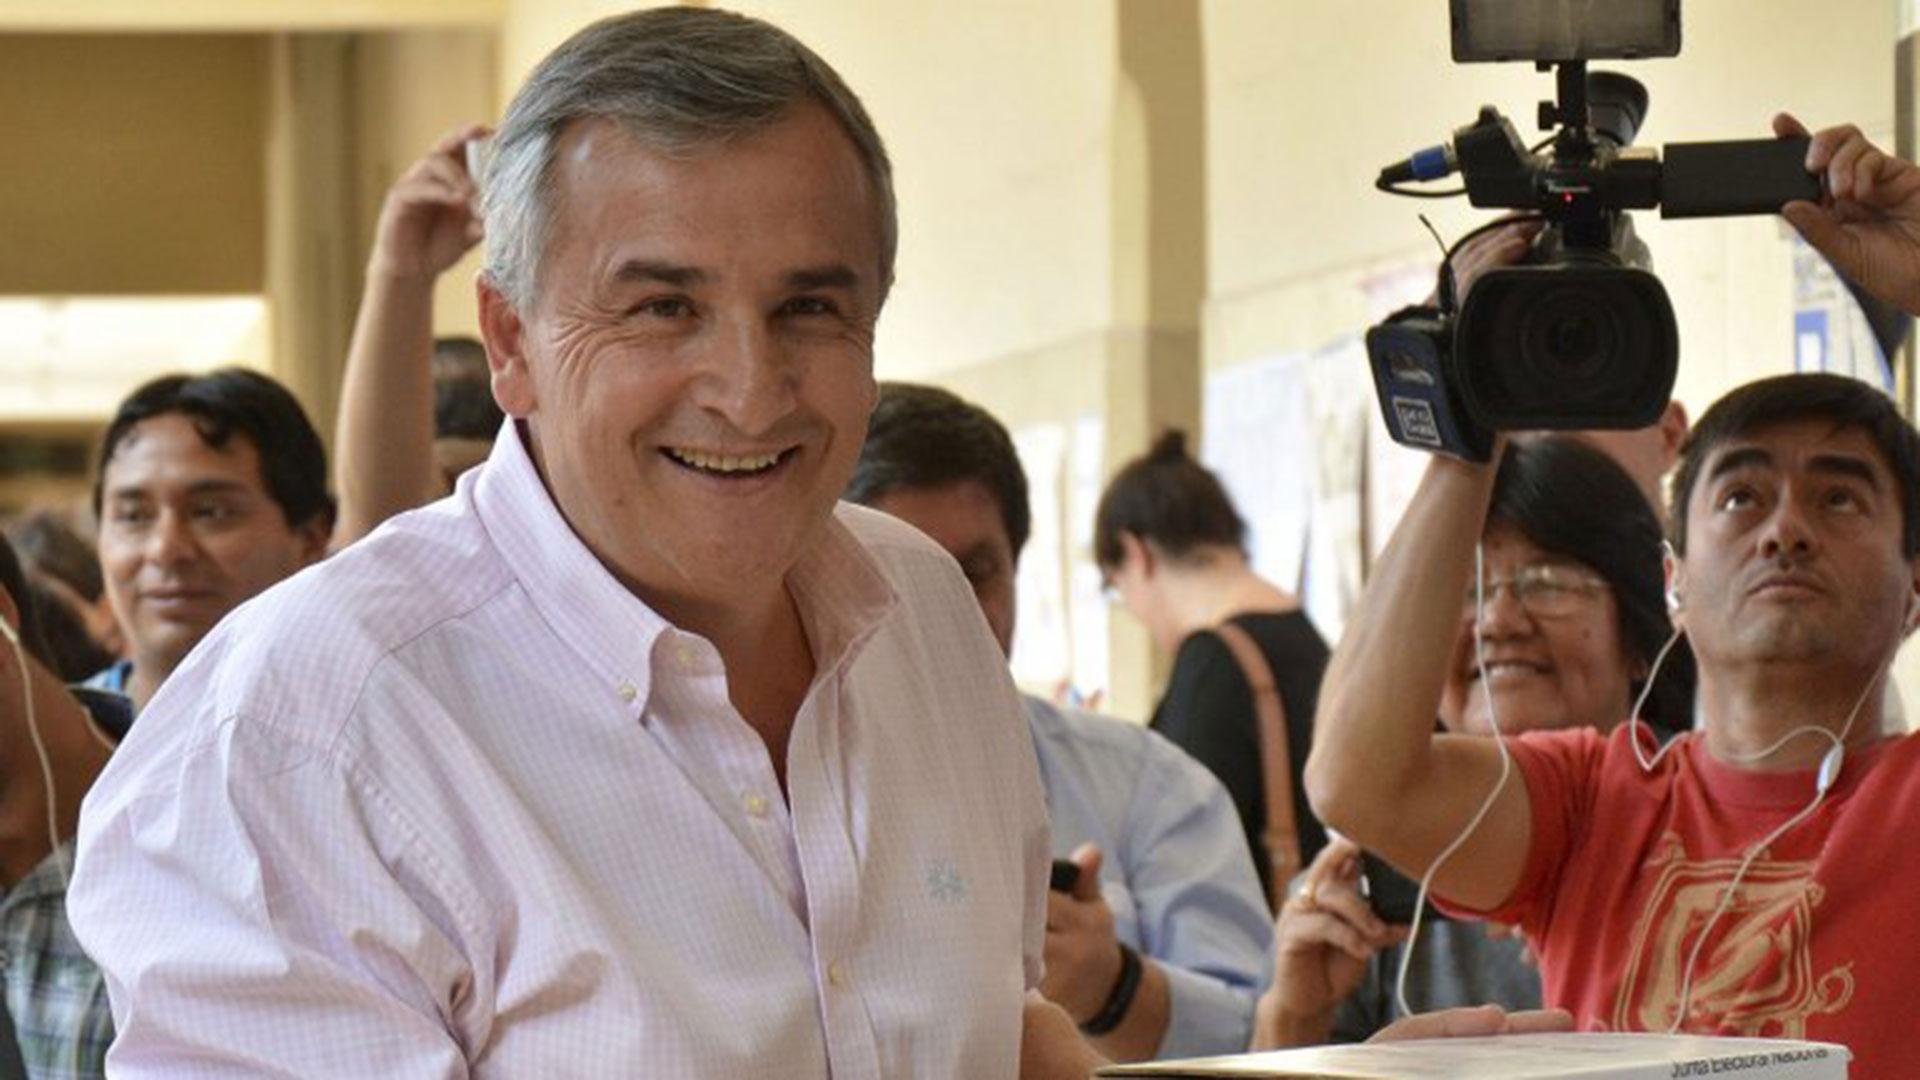 El gobernador de Jujuy, Gerardo Morales, adelantó que va a reducir la estructura nde sus estado provincial